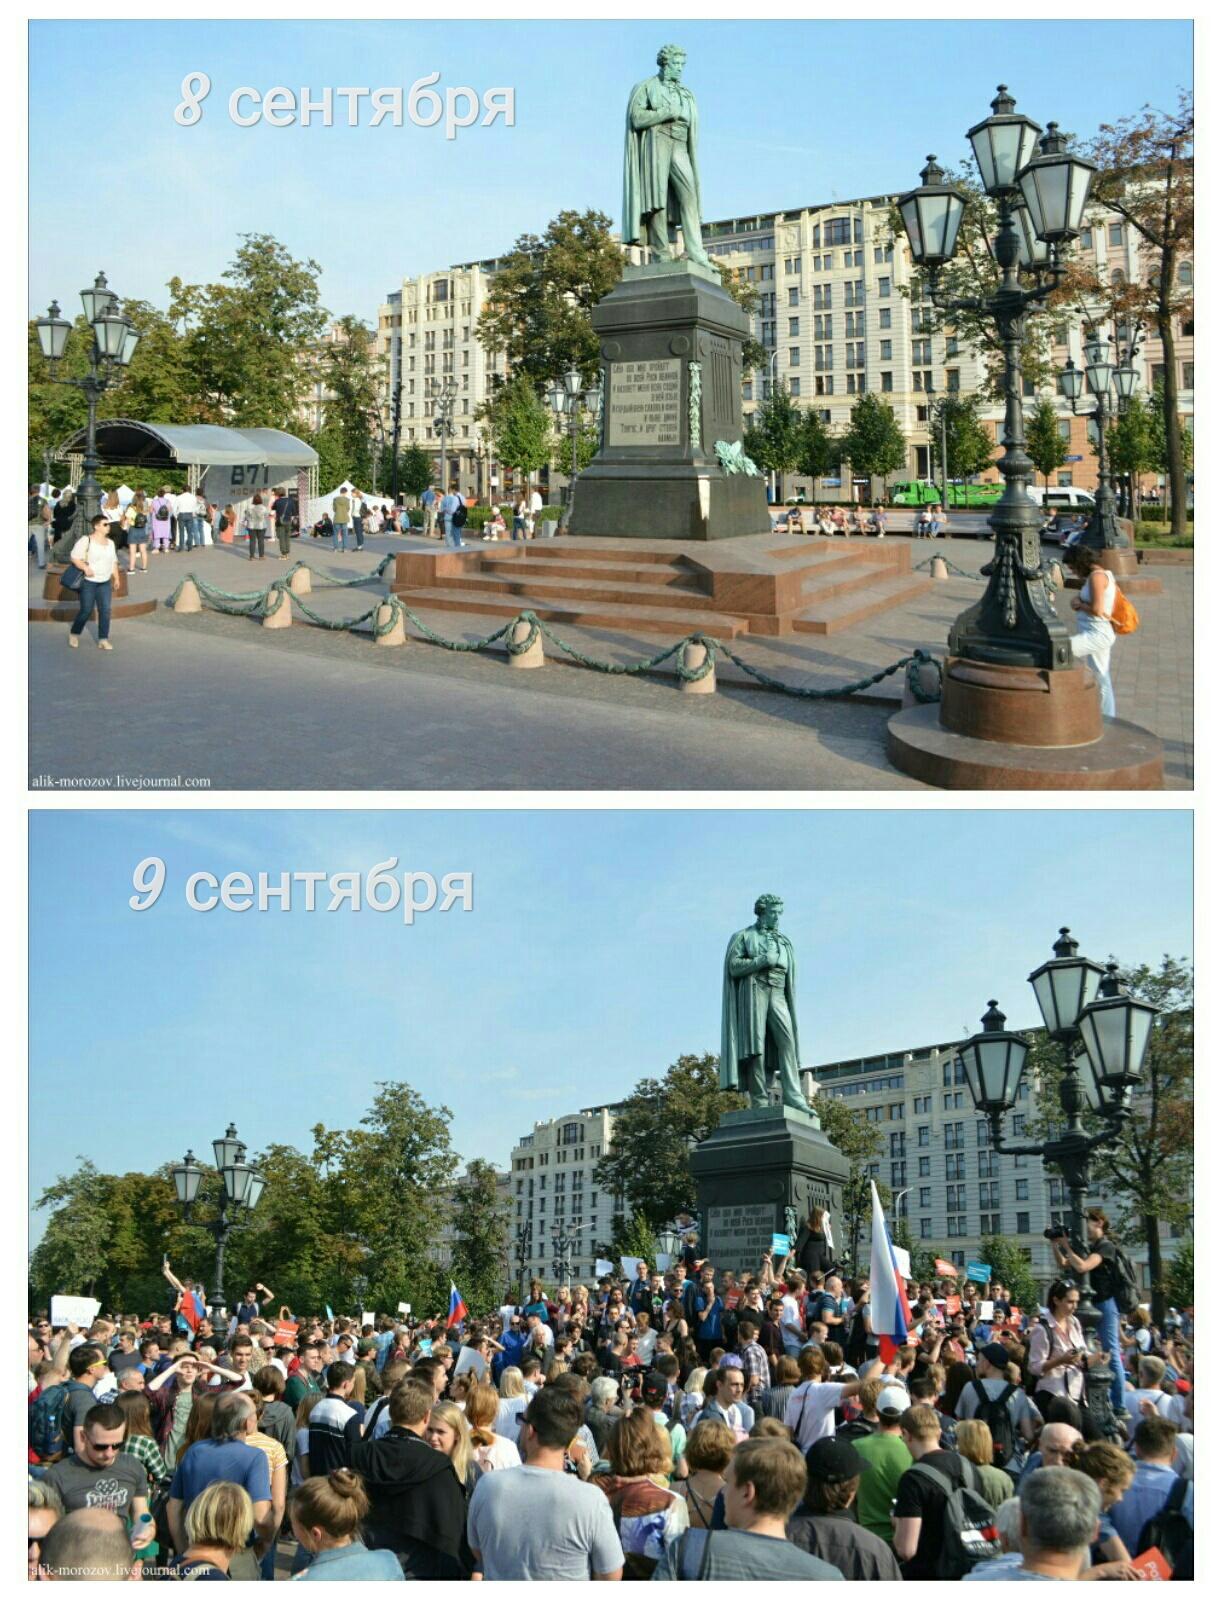 Пушкинская площадь 8 и 9 сентября